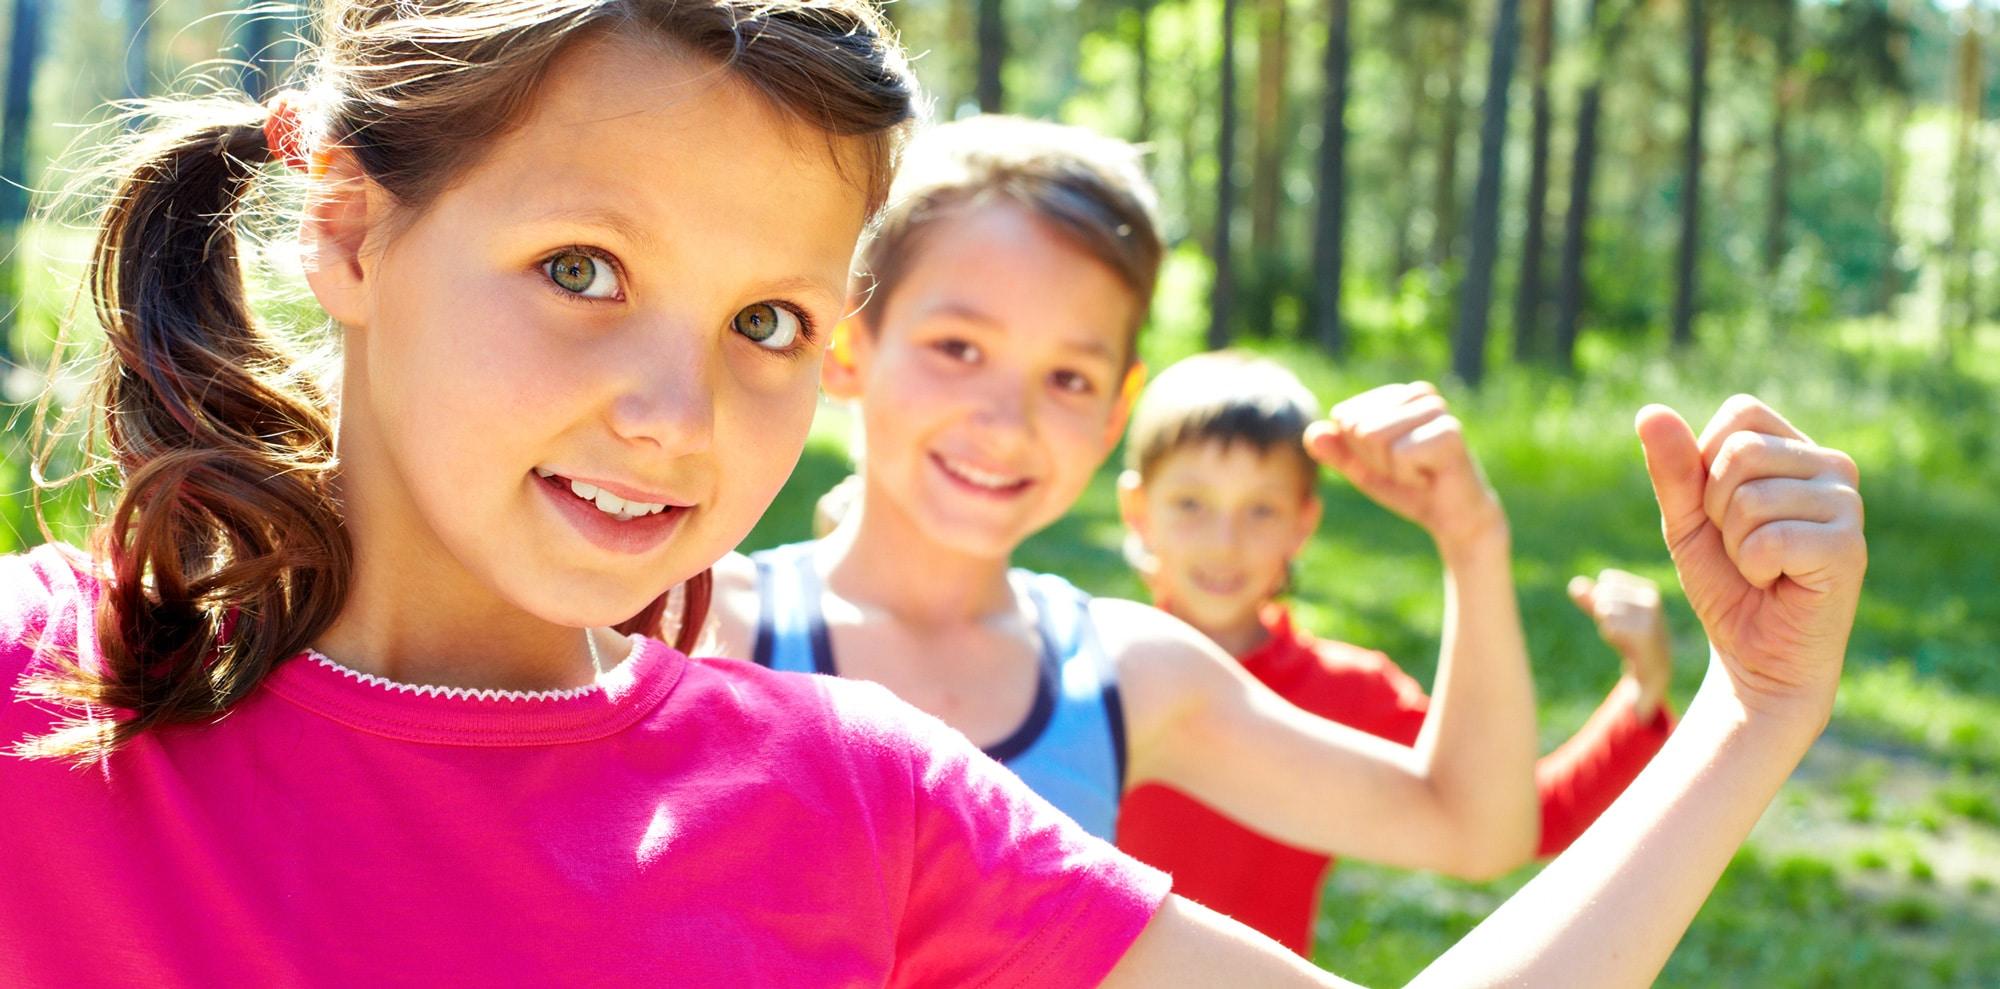 Здоровый образ жизни детей